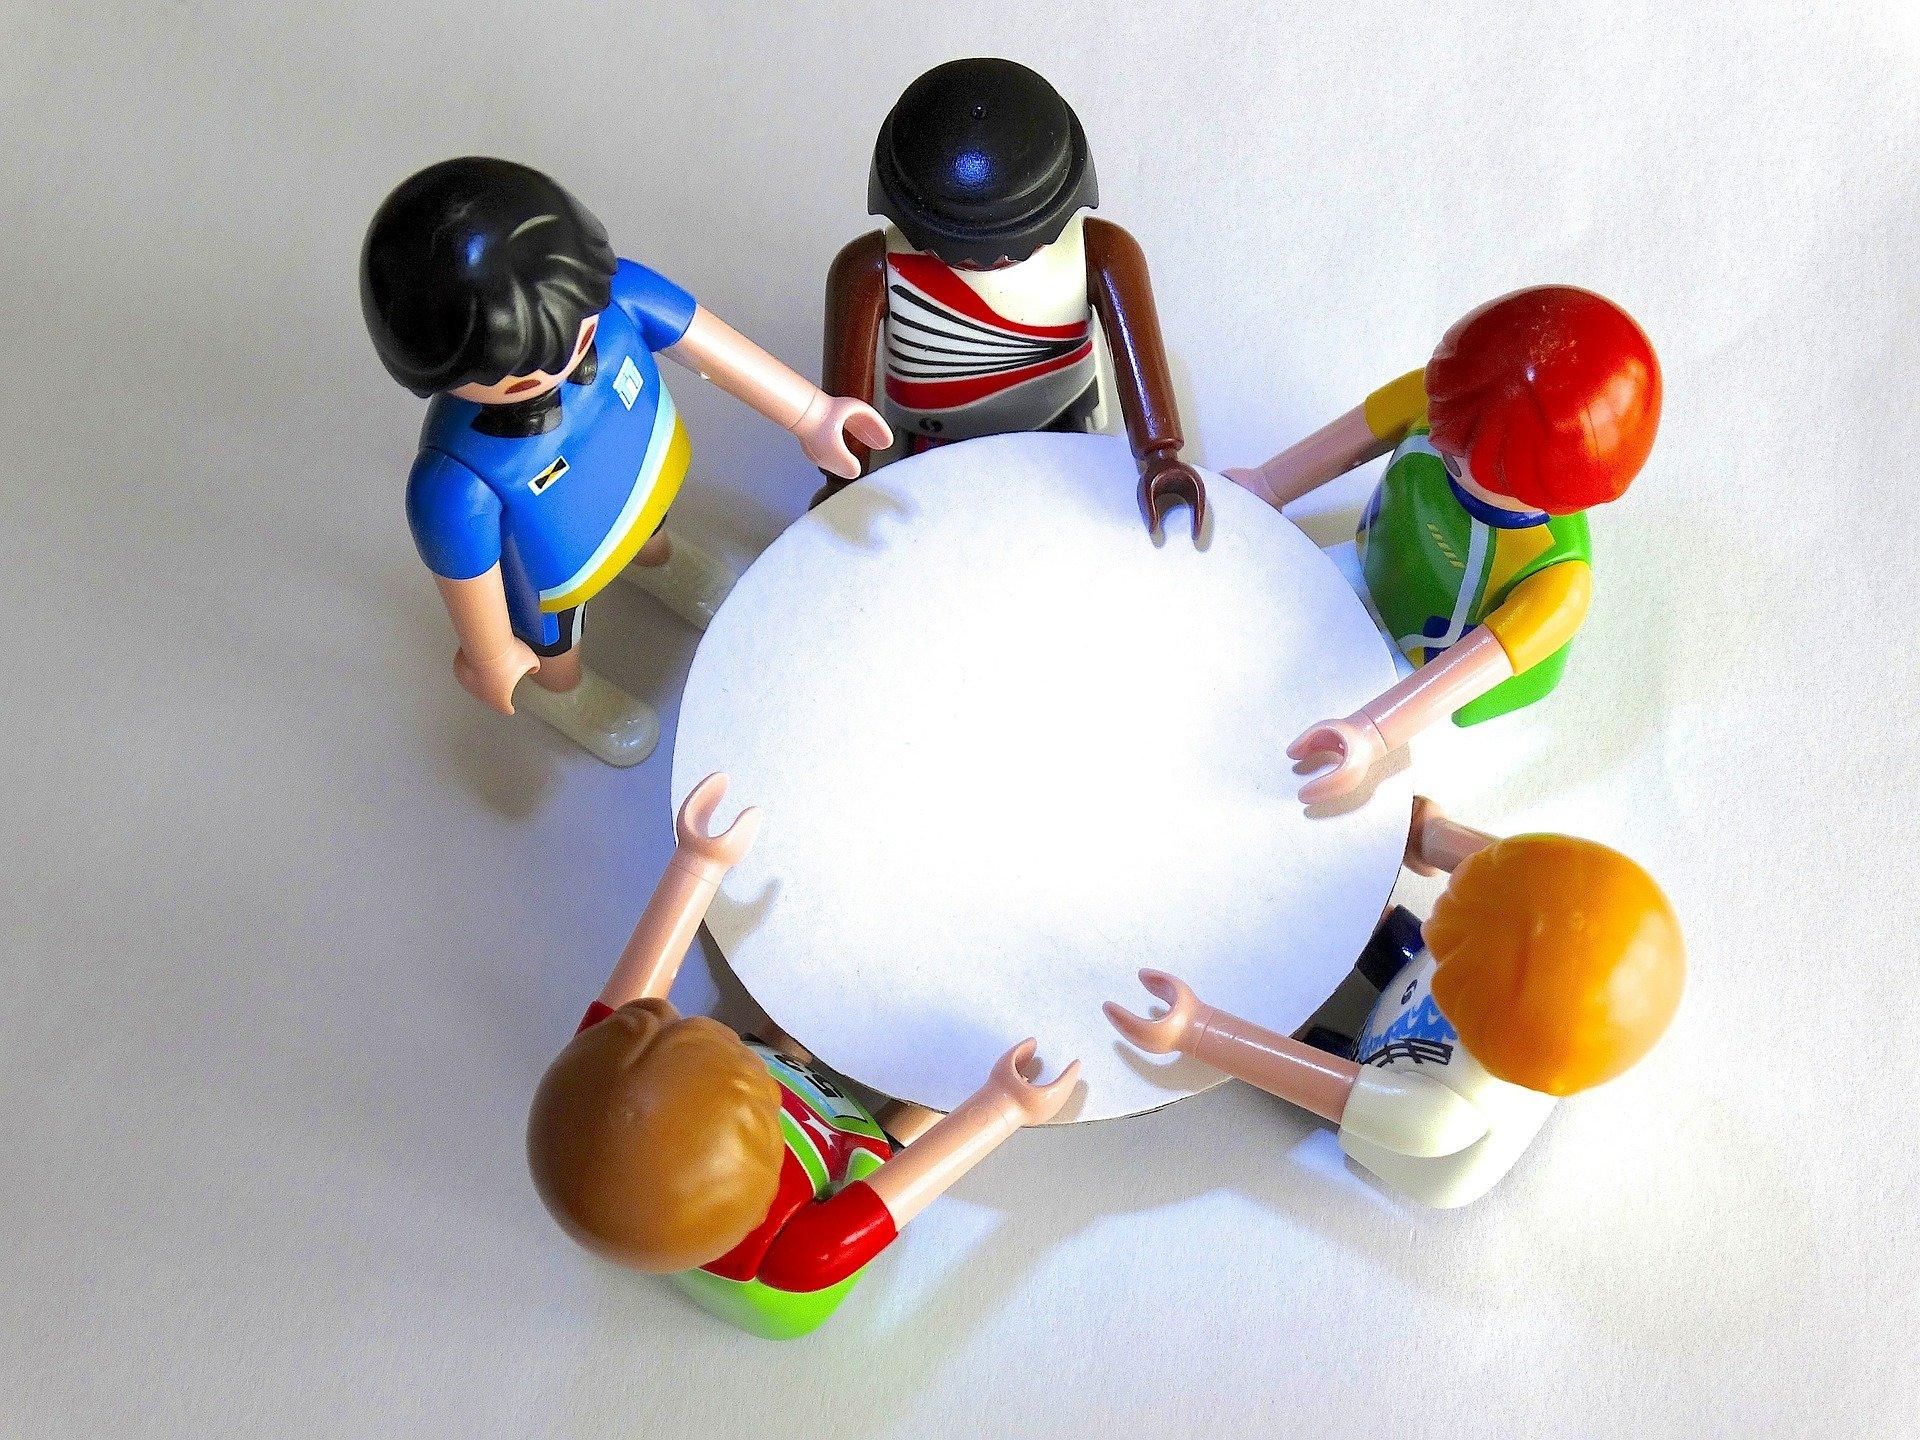 playmobil poppetjes bij blog over methoden catechese